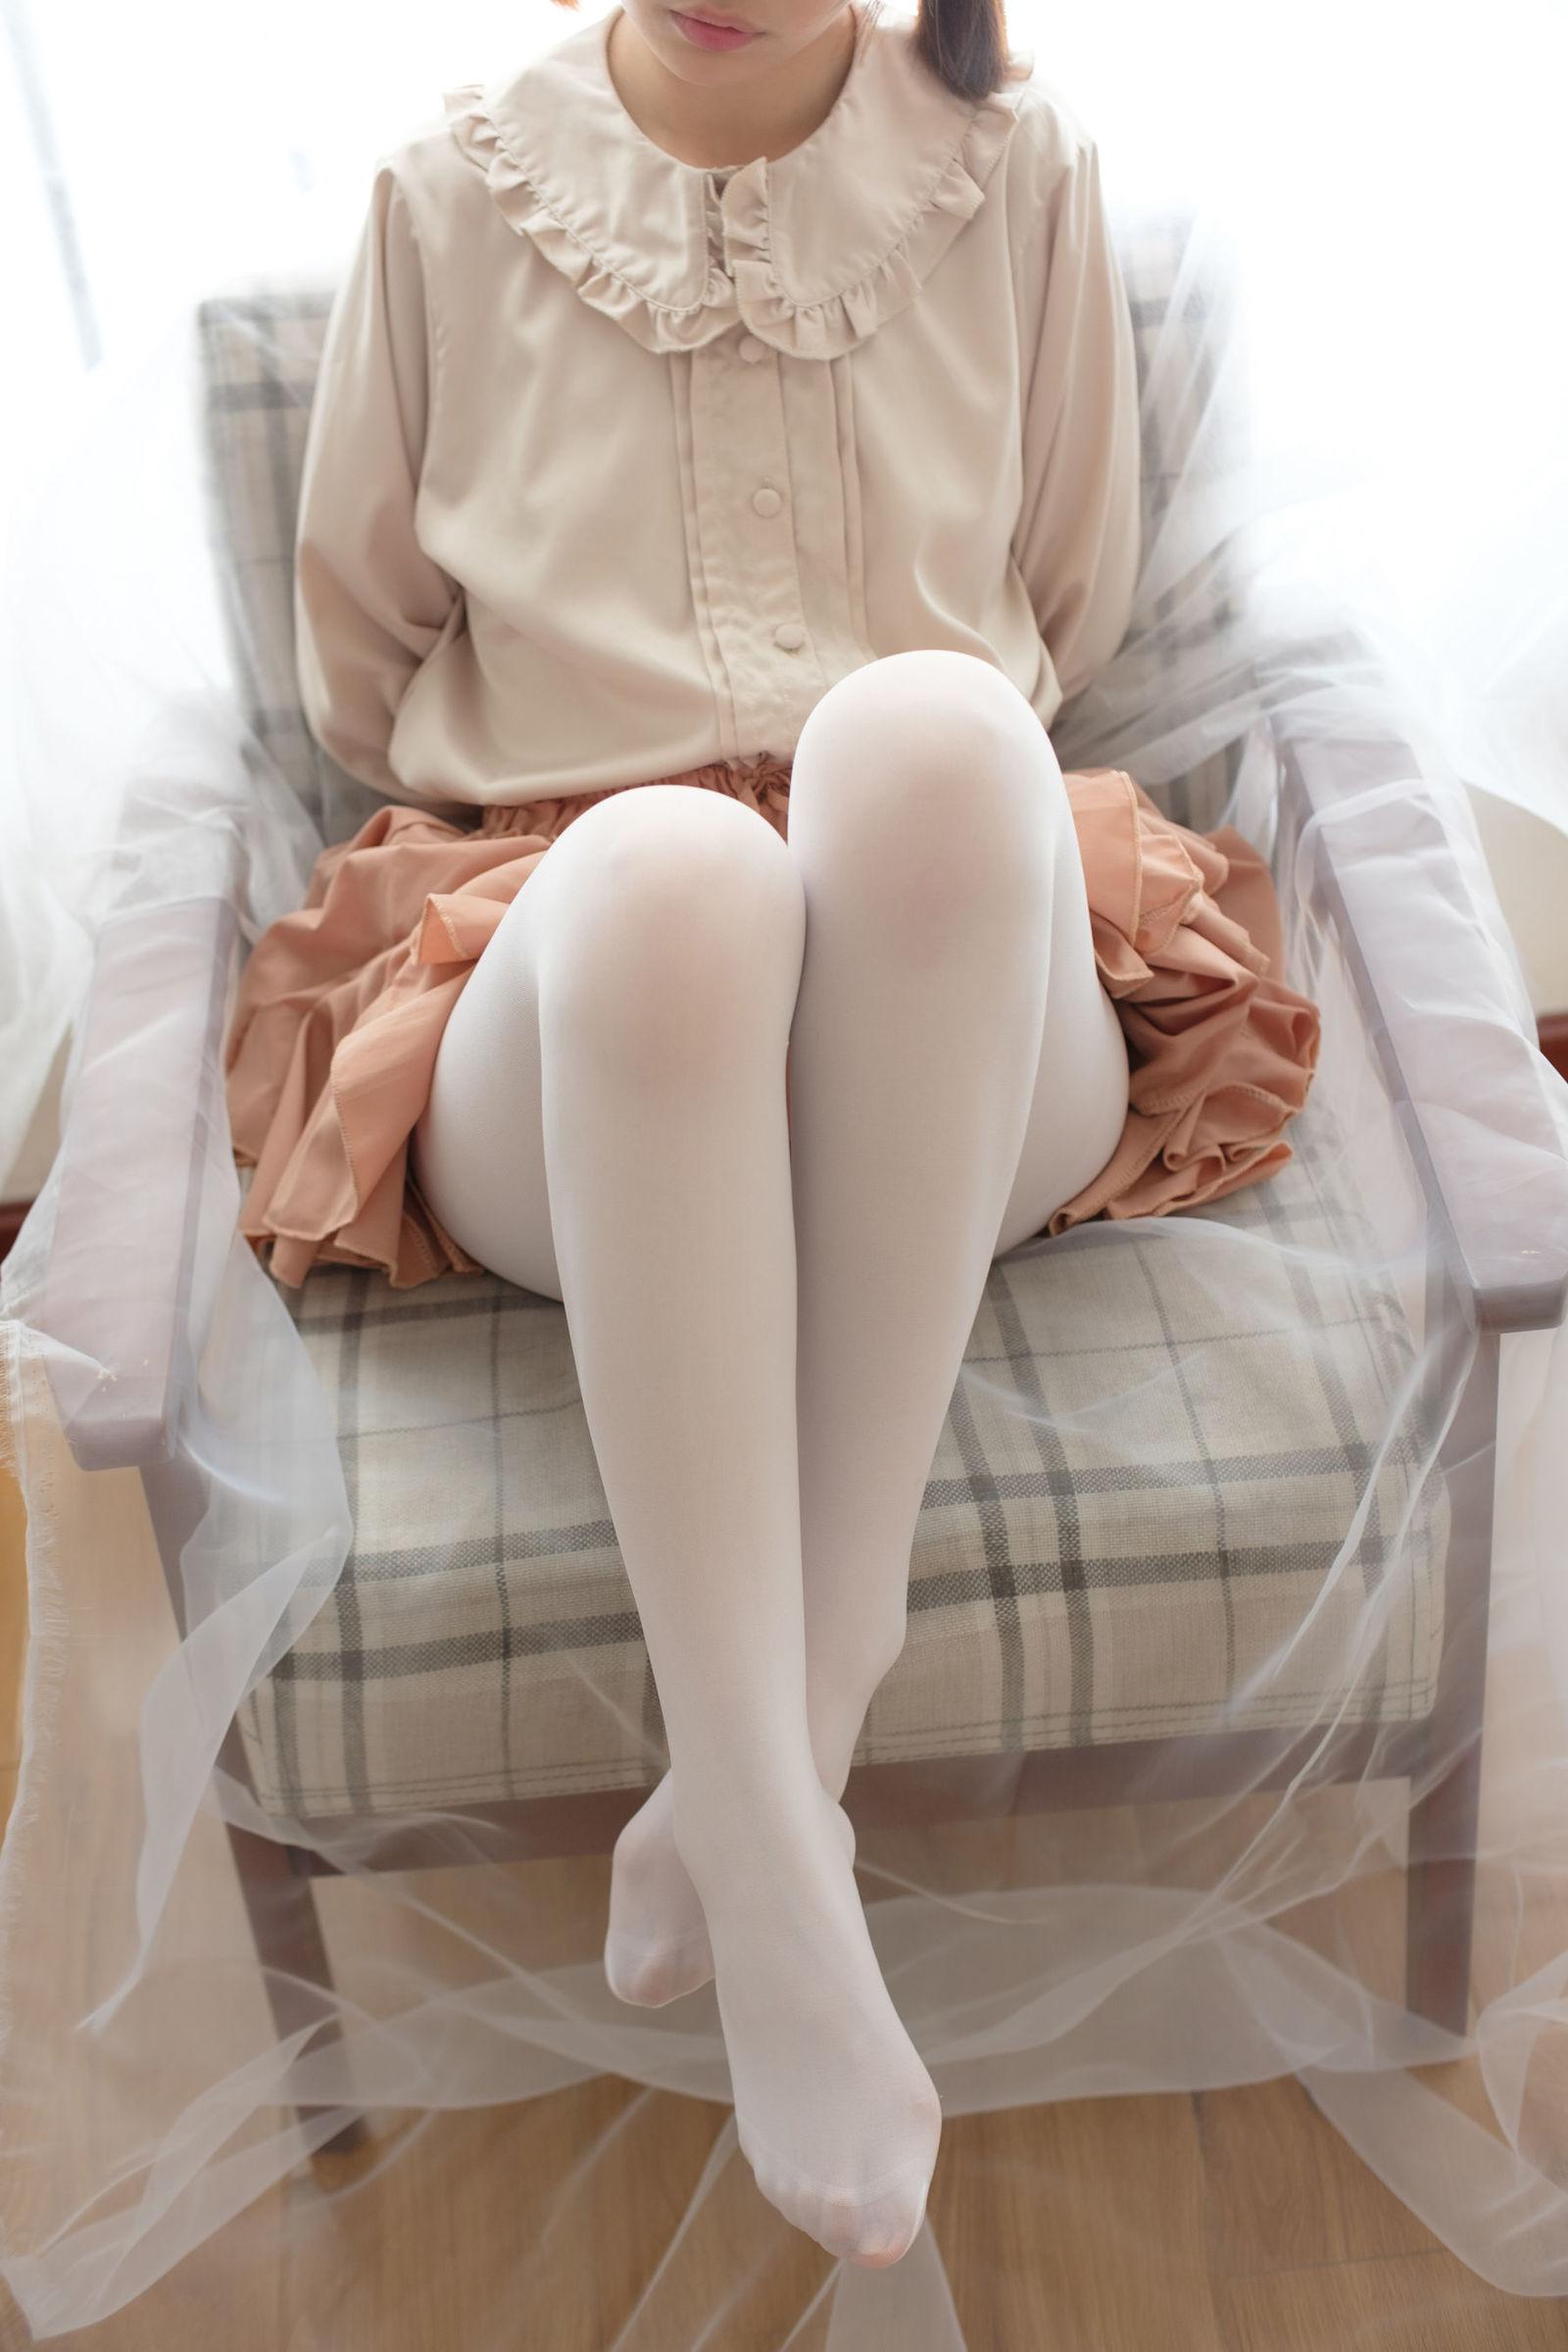 福利美图 萝莉白丝---丝袜写真-第3张图片-哔哔娱乐网